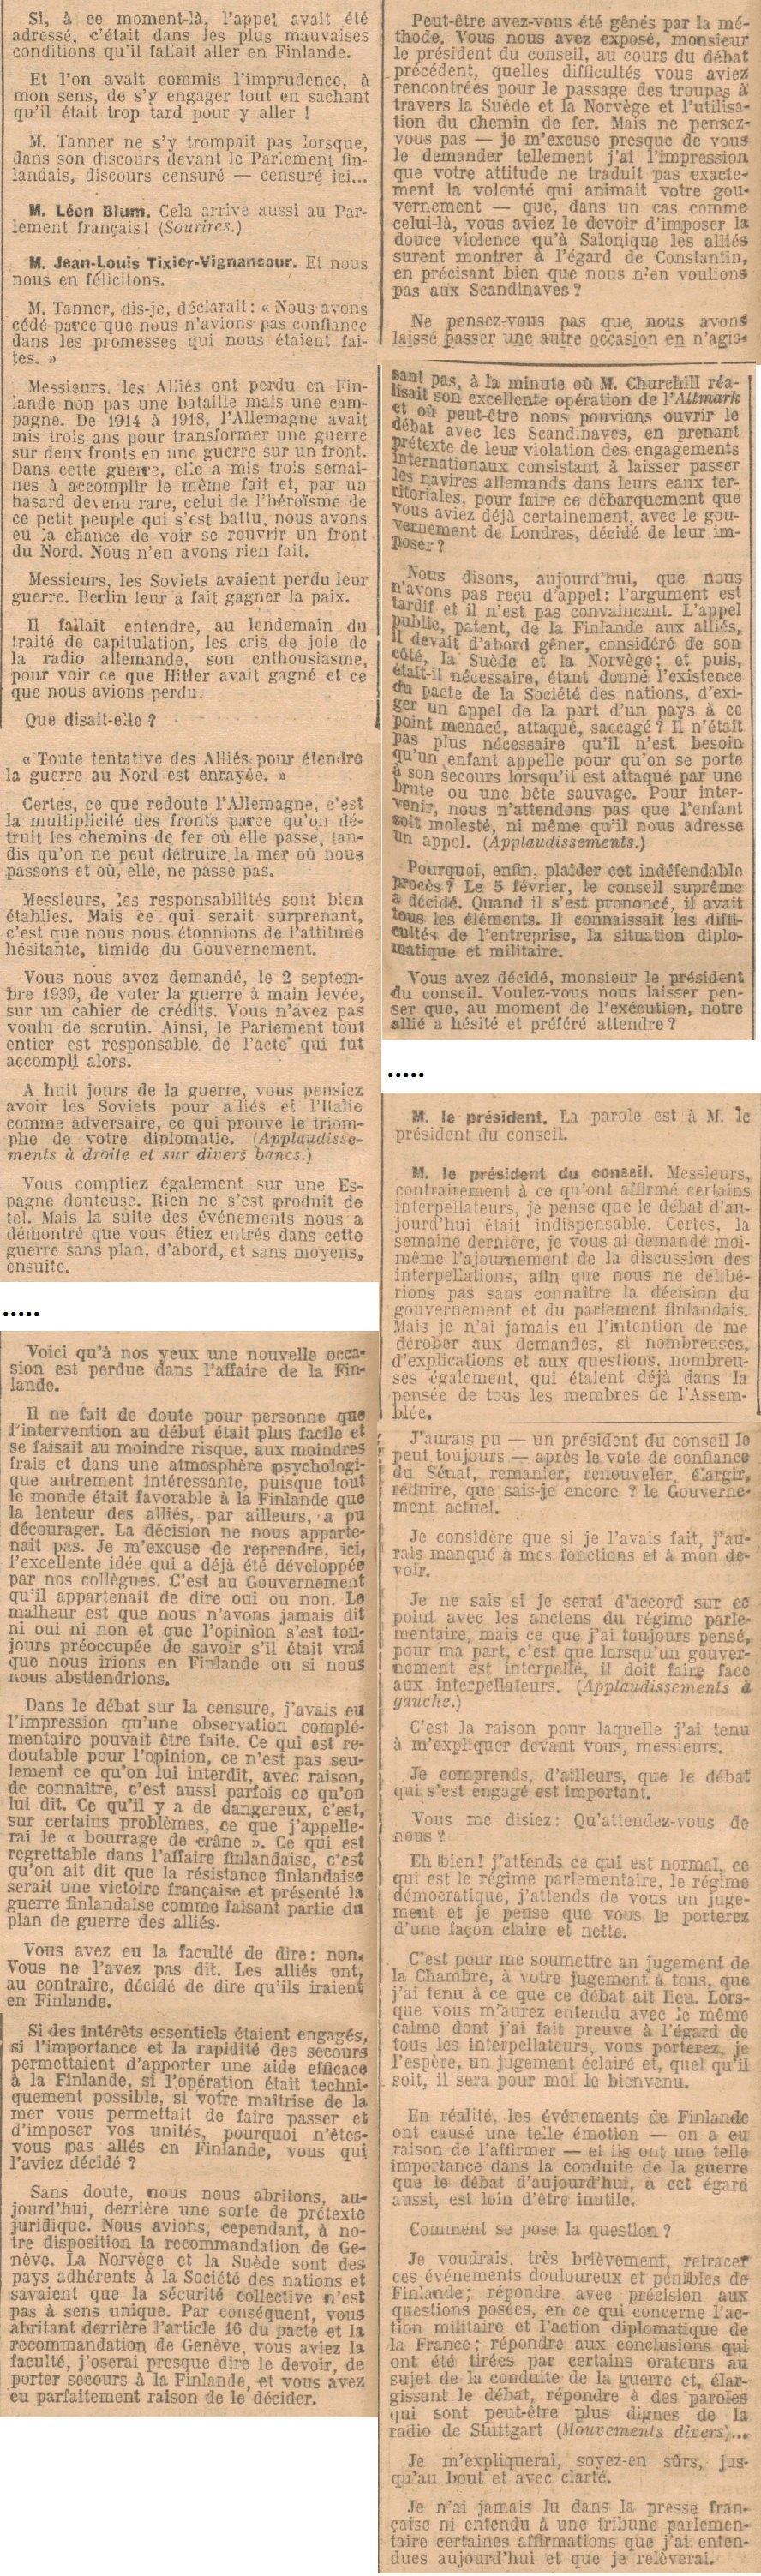 Insigne des Français en Finlande ? - Page 2 Comitz21